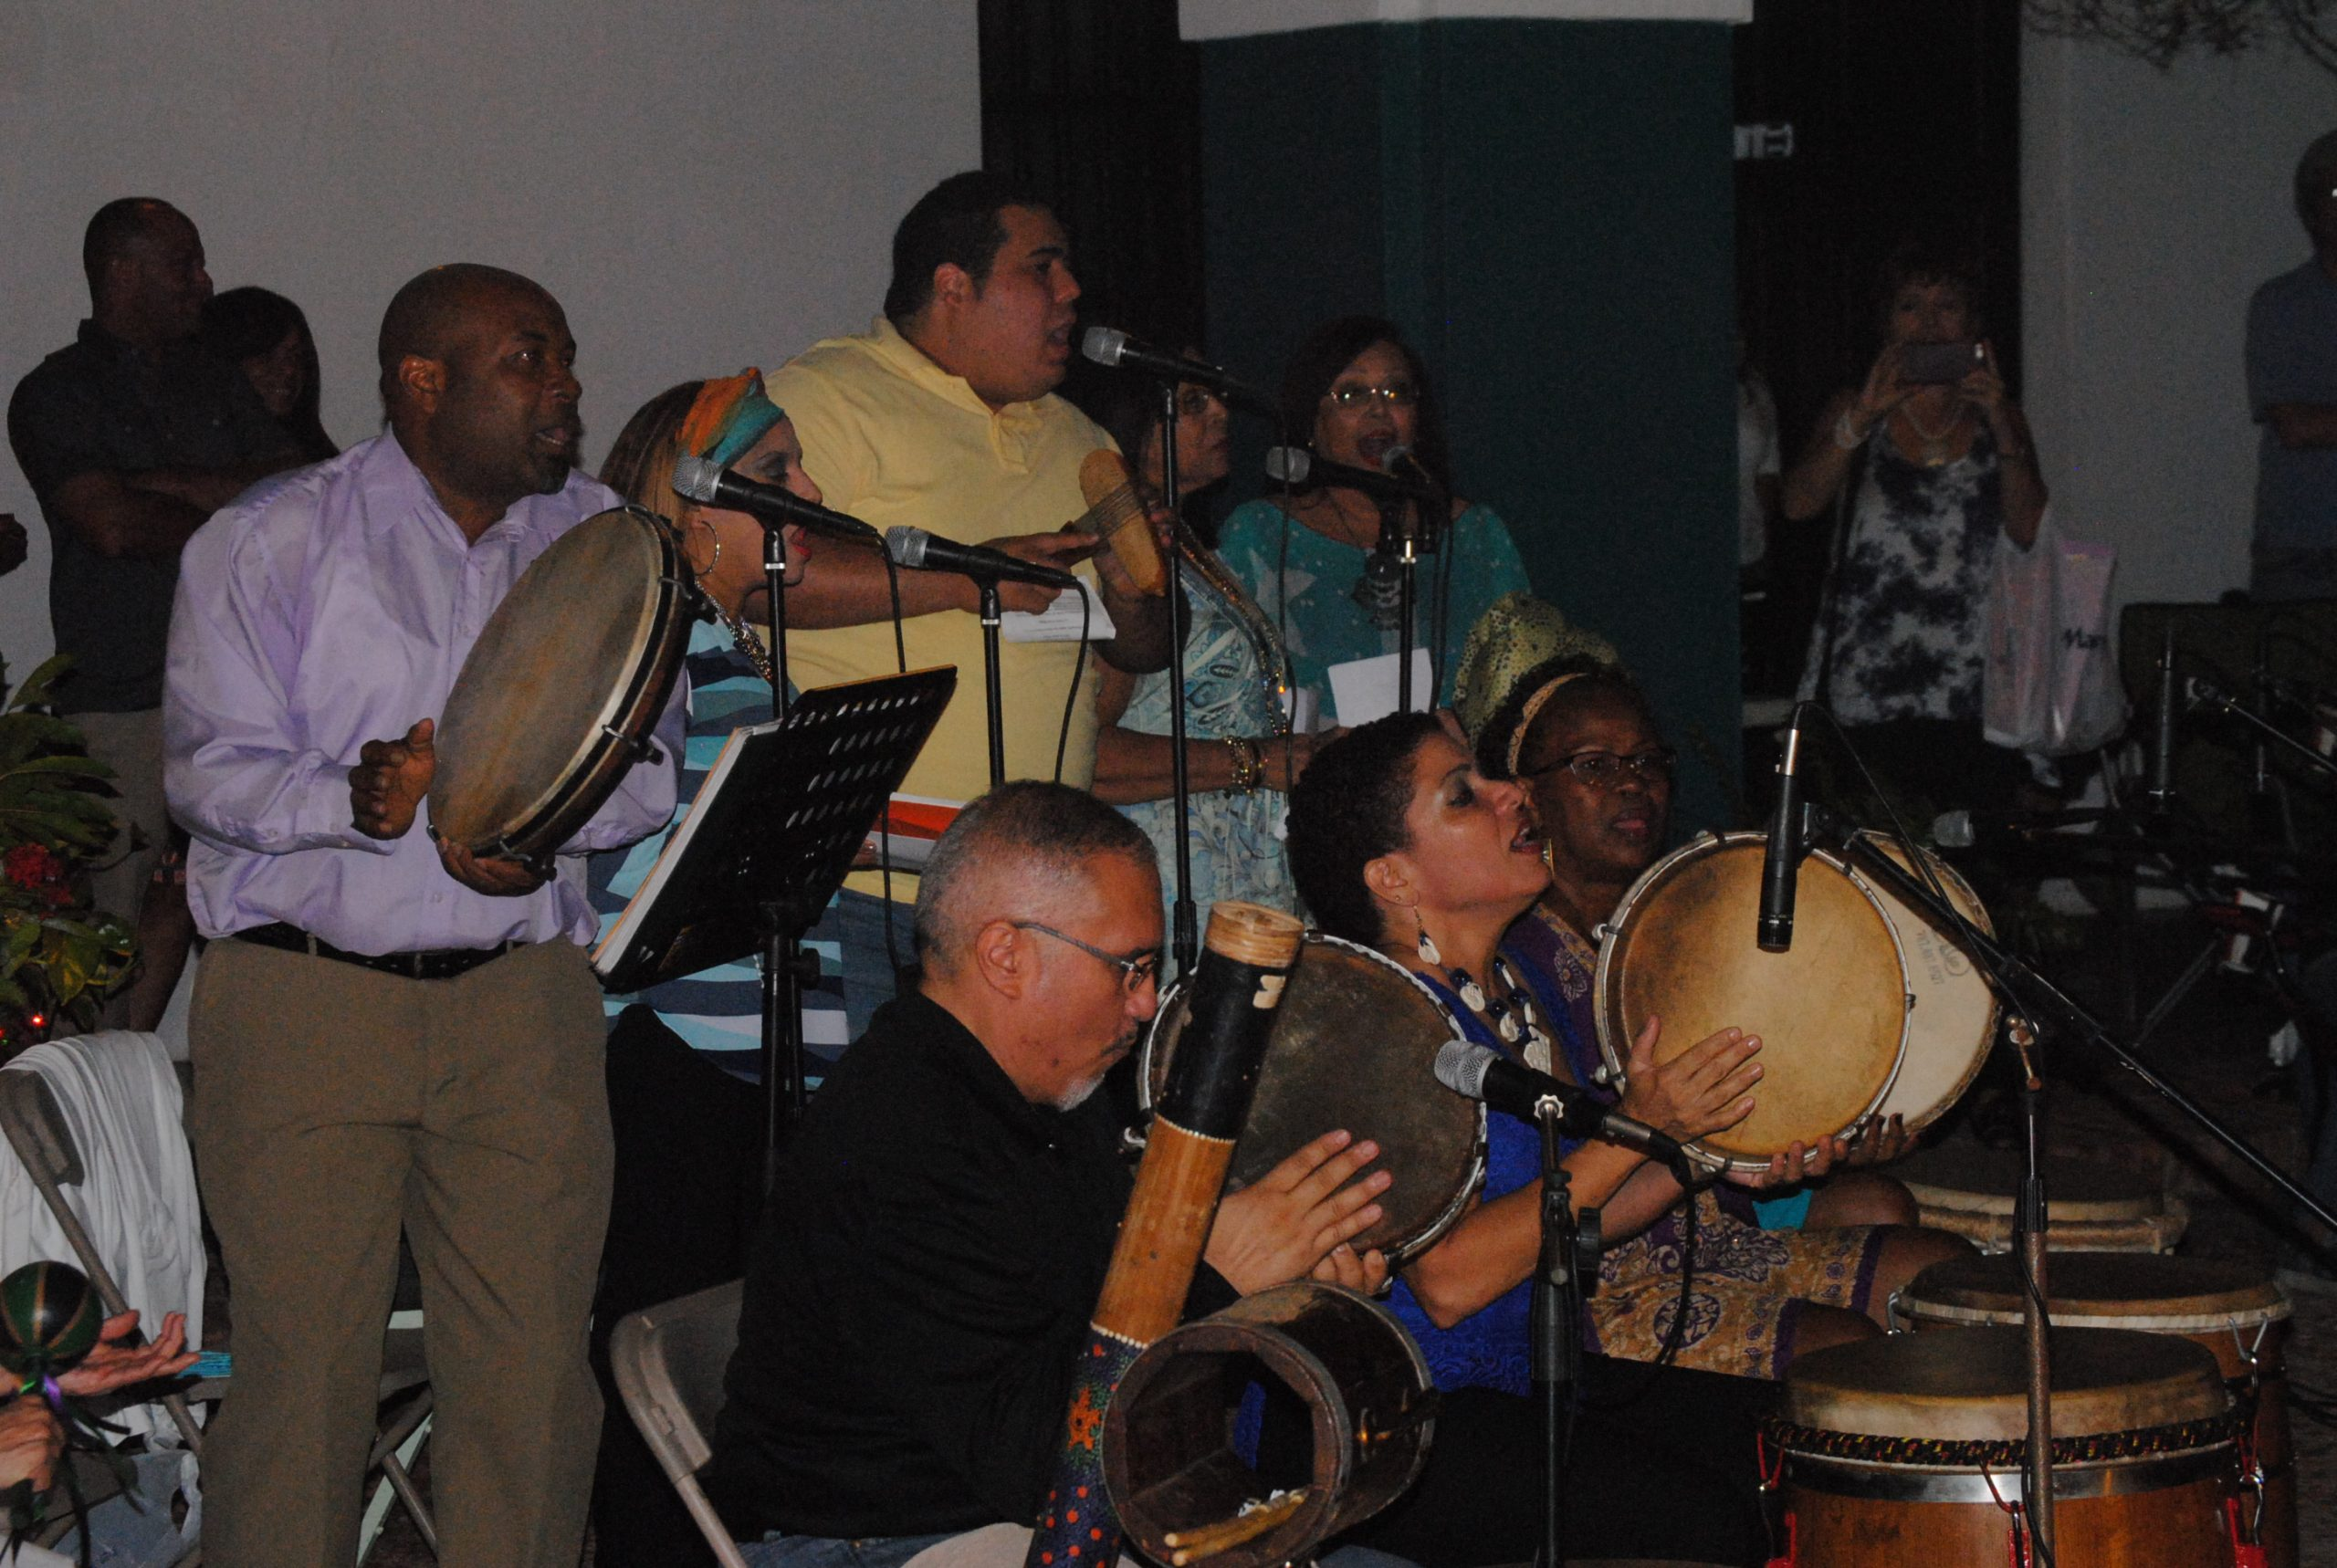 Los músicos fueron dirigidos por John Rivera. (Foto Jaime Torres Torres para Fundación Nacional para la Cyltura Popular)